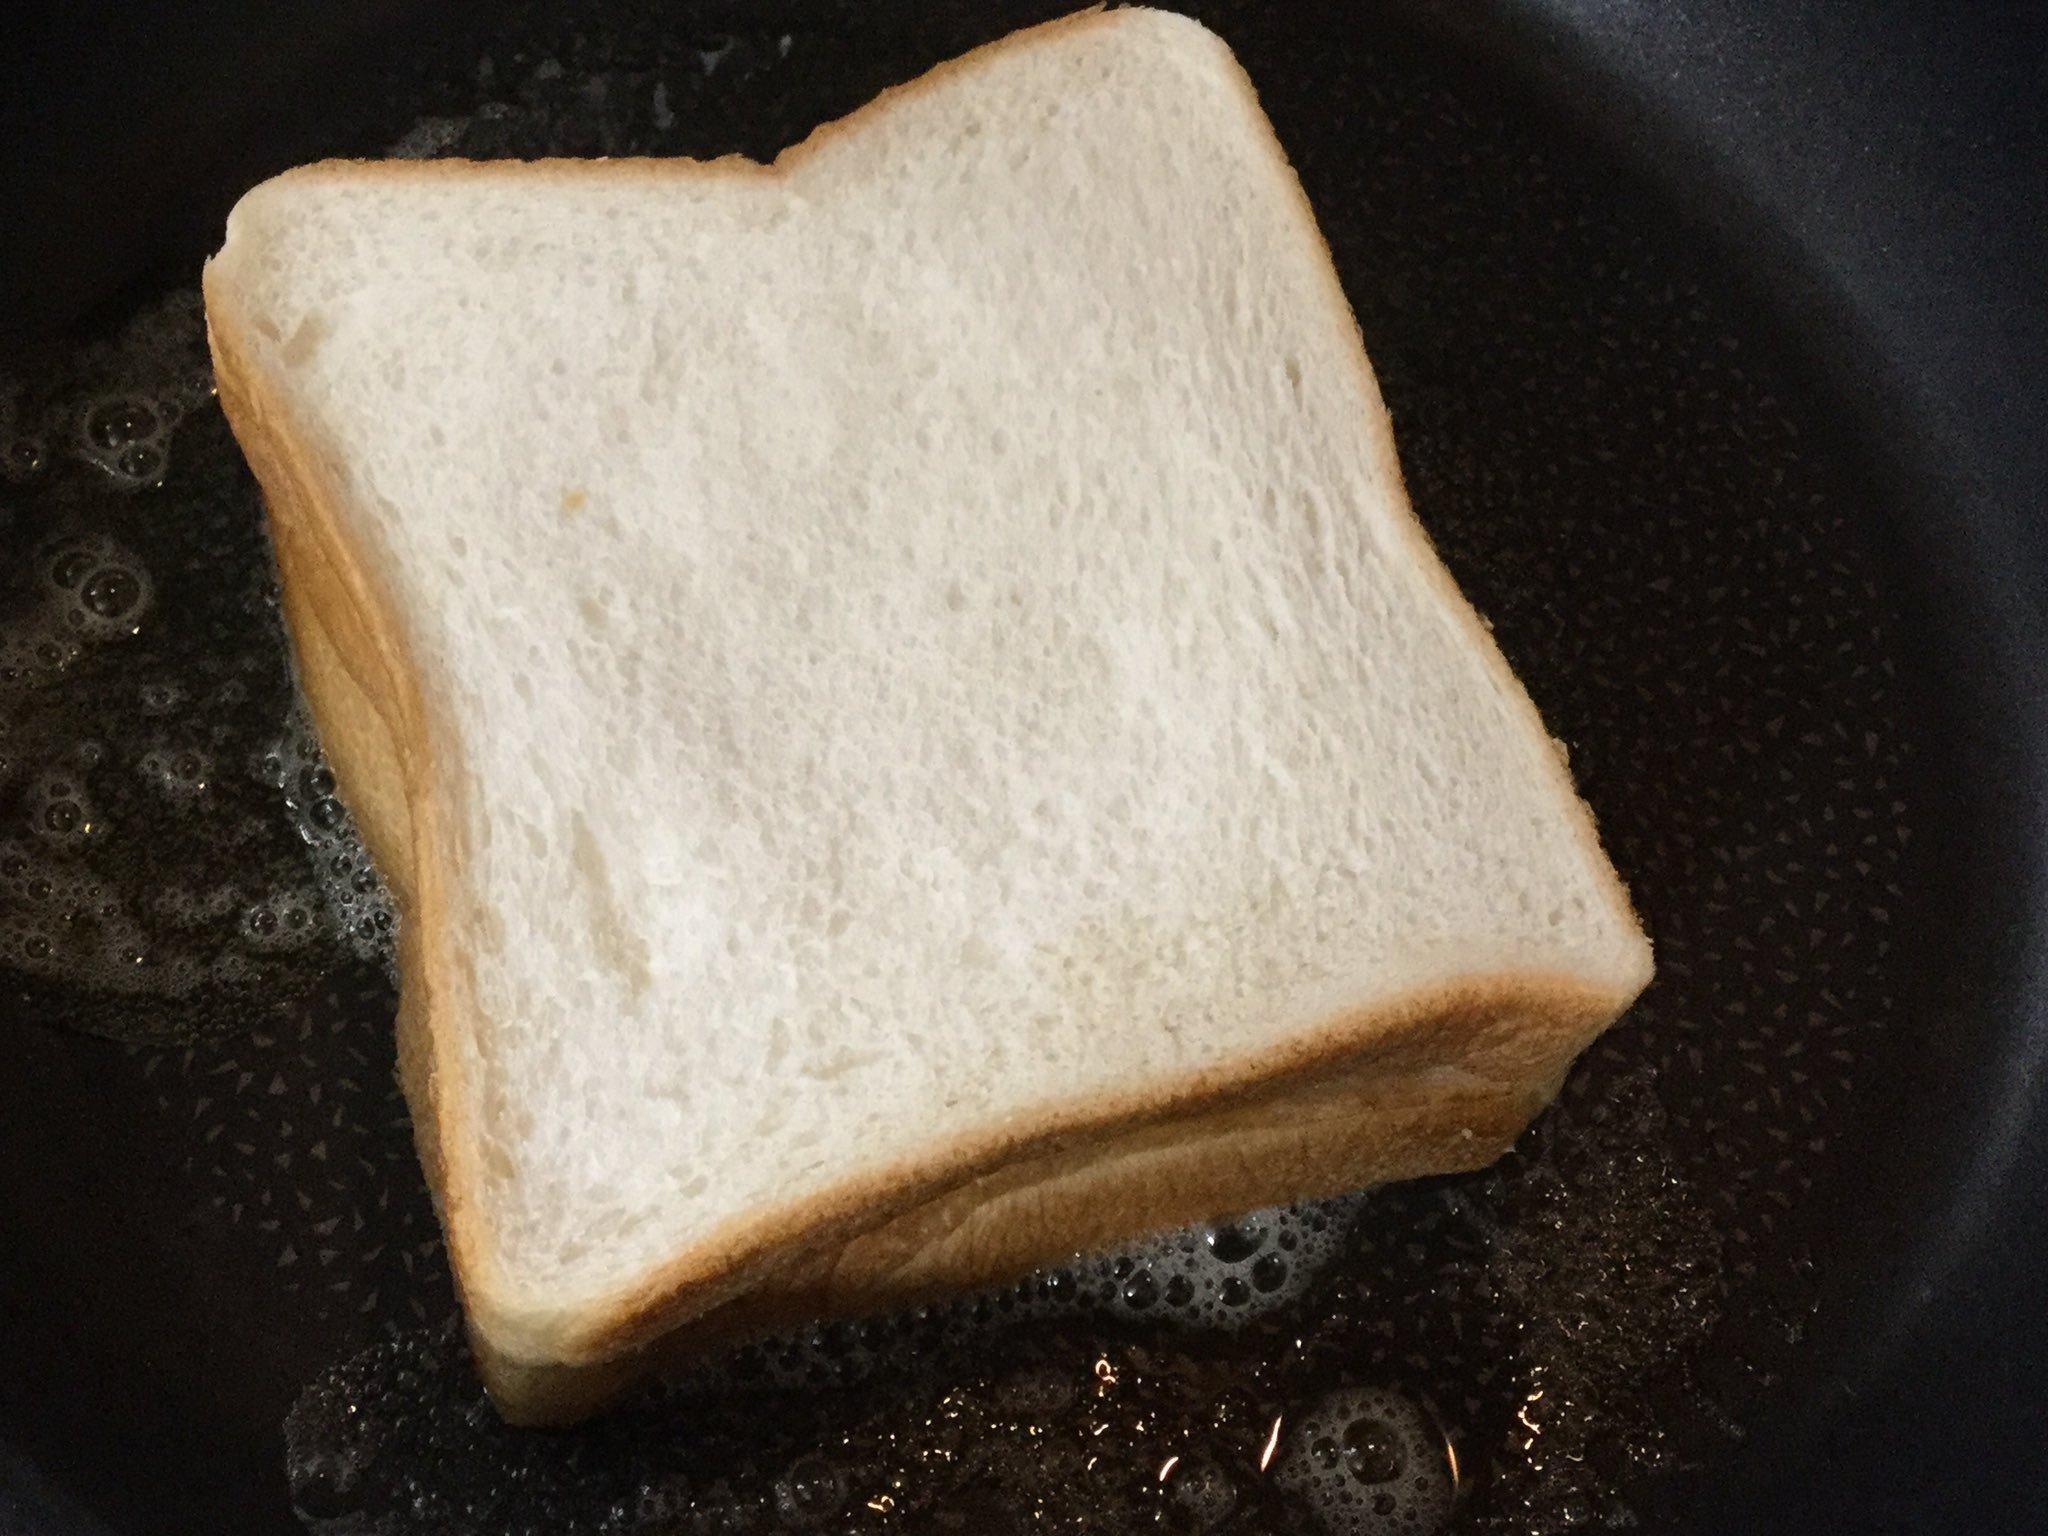 「ホットサンドメーカーが無いからゴキゲンな朝食が作れないよ~~」 そんなツイッターのメキシコでと方に暮れるお前たちに朗報だ。アルミホイルかオーブンシート、それと水を500mlほど入れた鍋を用意することで誰でも完璧なホットサンドが作れるぞ。